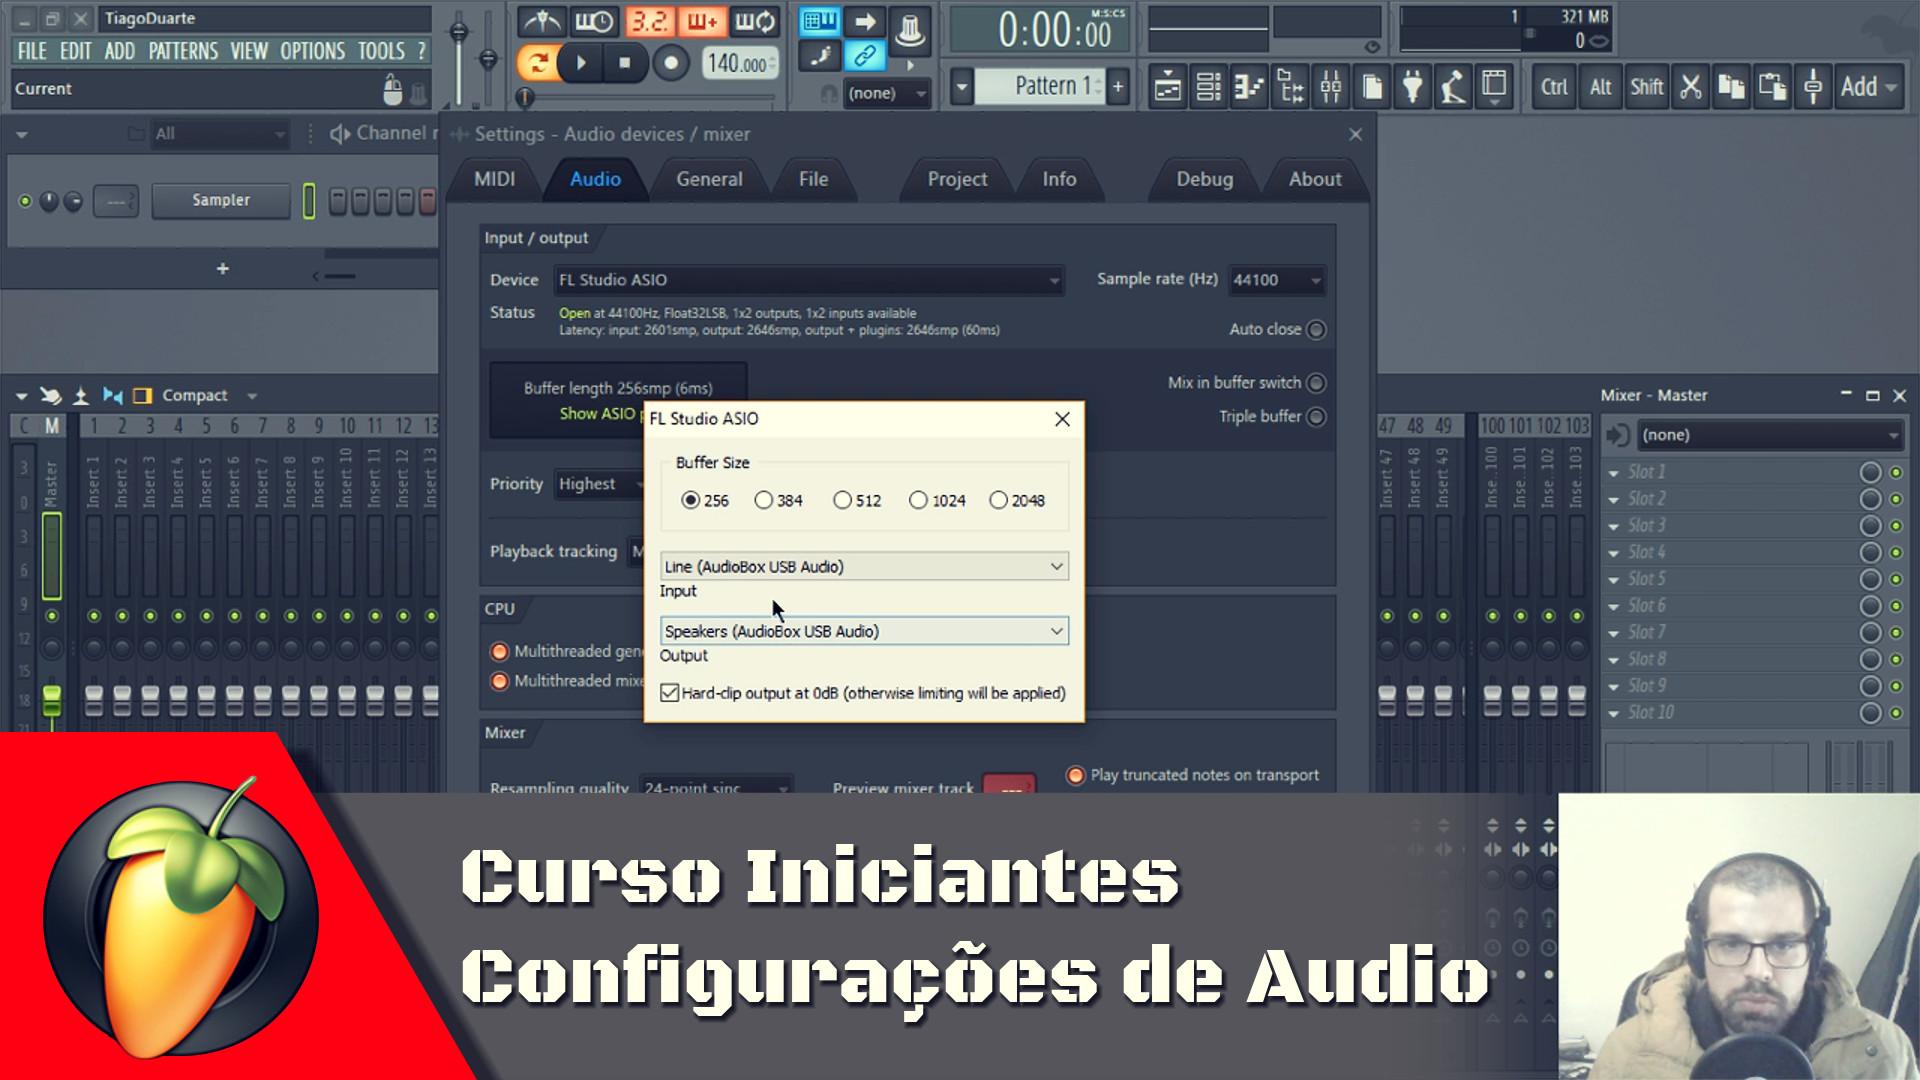 Configurações de Audio